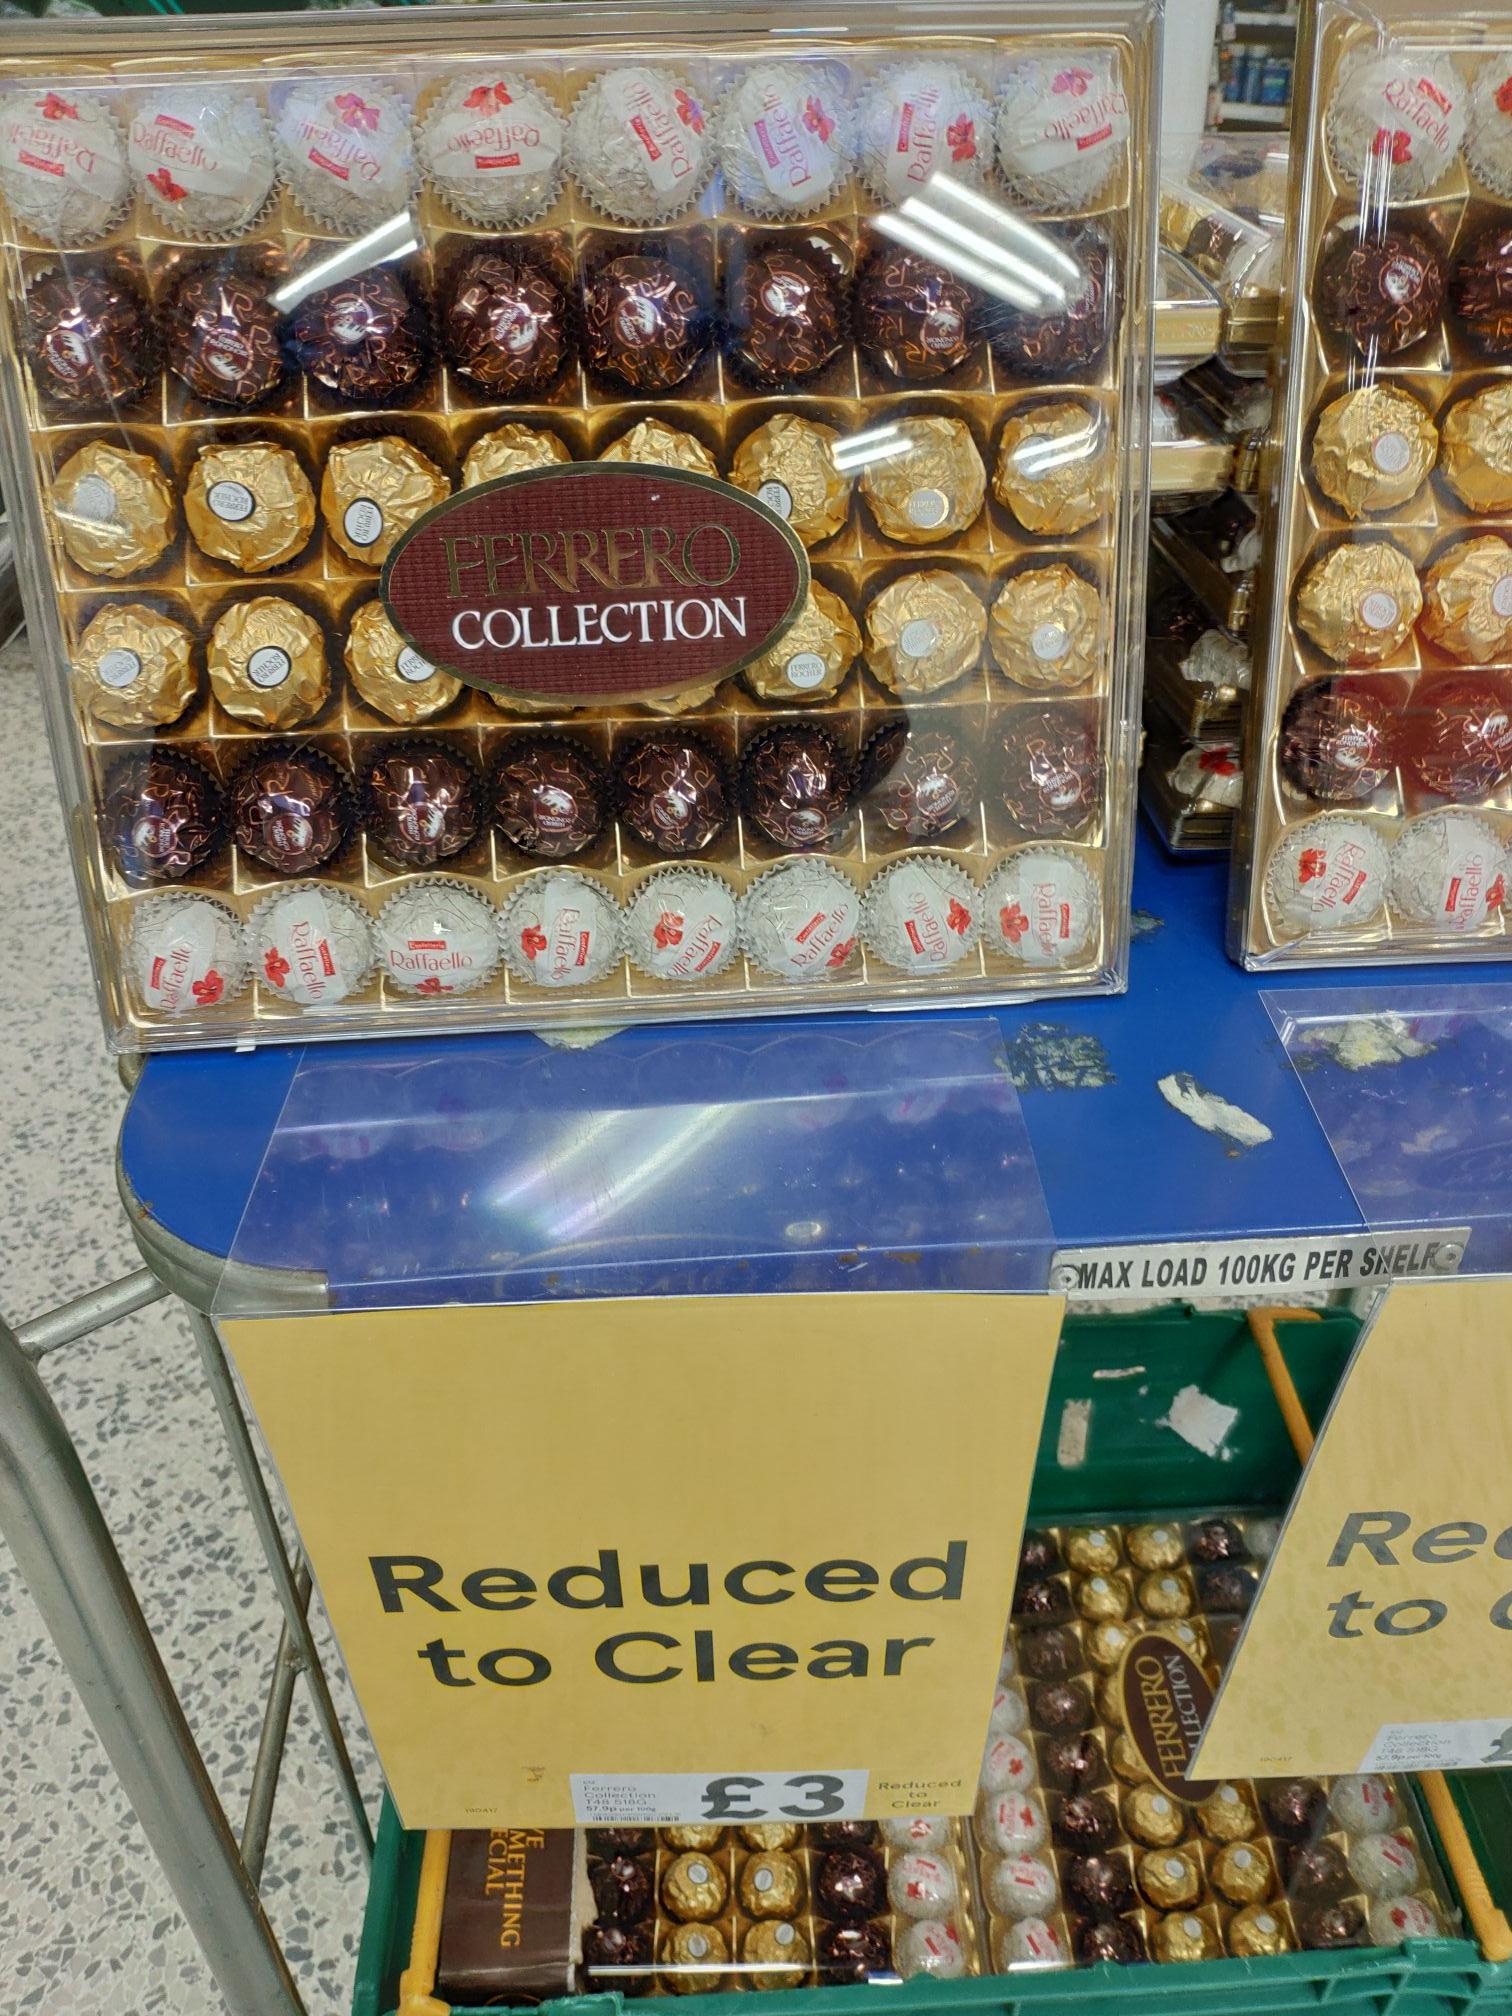 Ferrero Rocher Collection 48 pieces £3 in Tesco